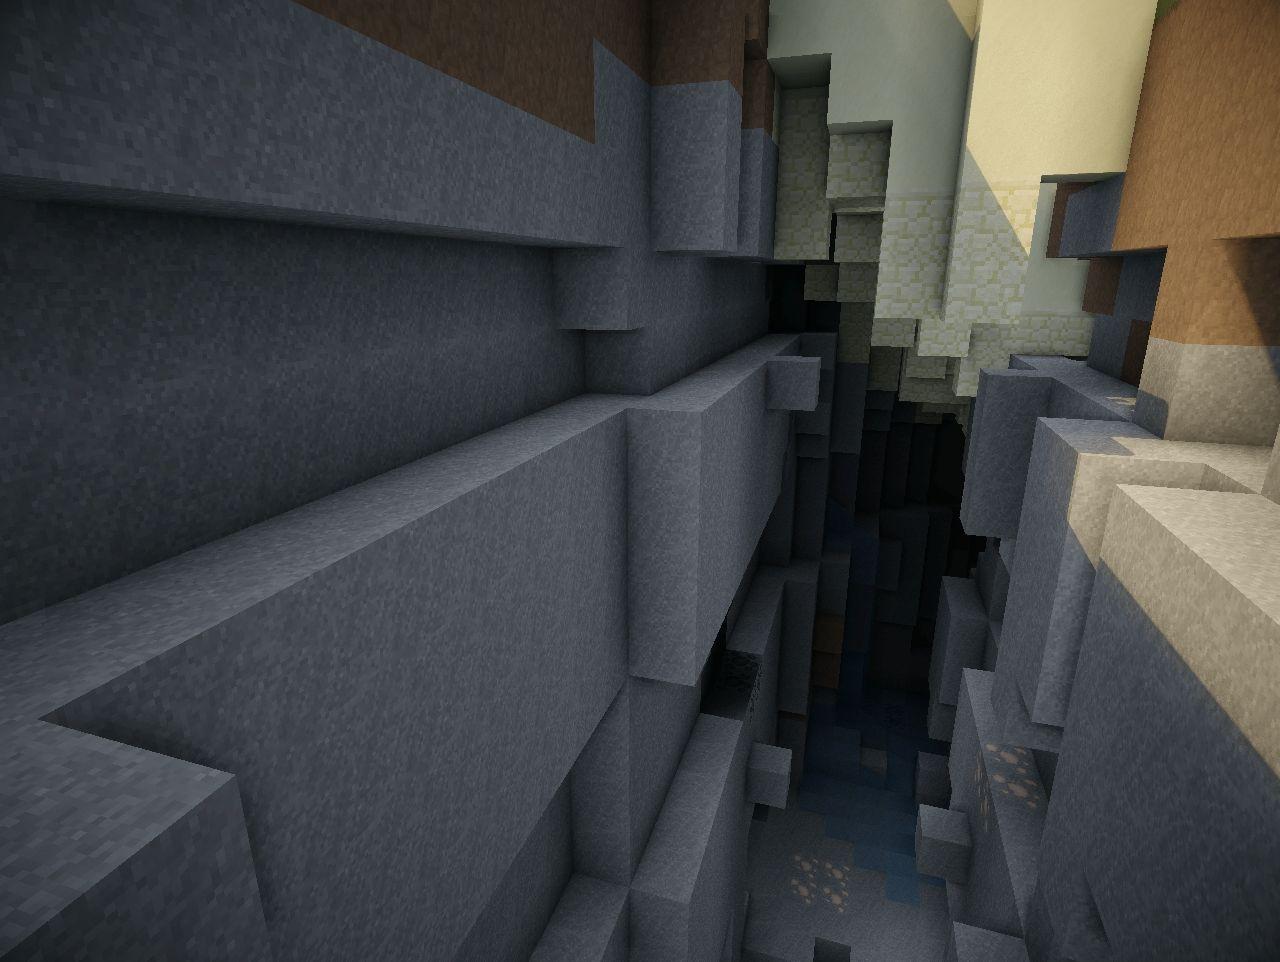 http://minecraft-forum.net/wp-content/uploads/2013/03/b317a__Revneds-texture-pack-3.jpg